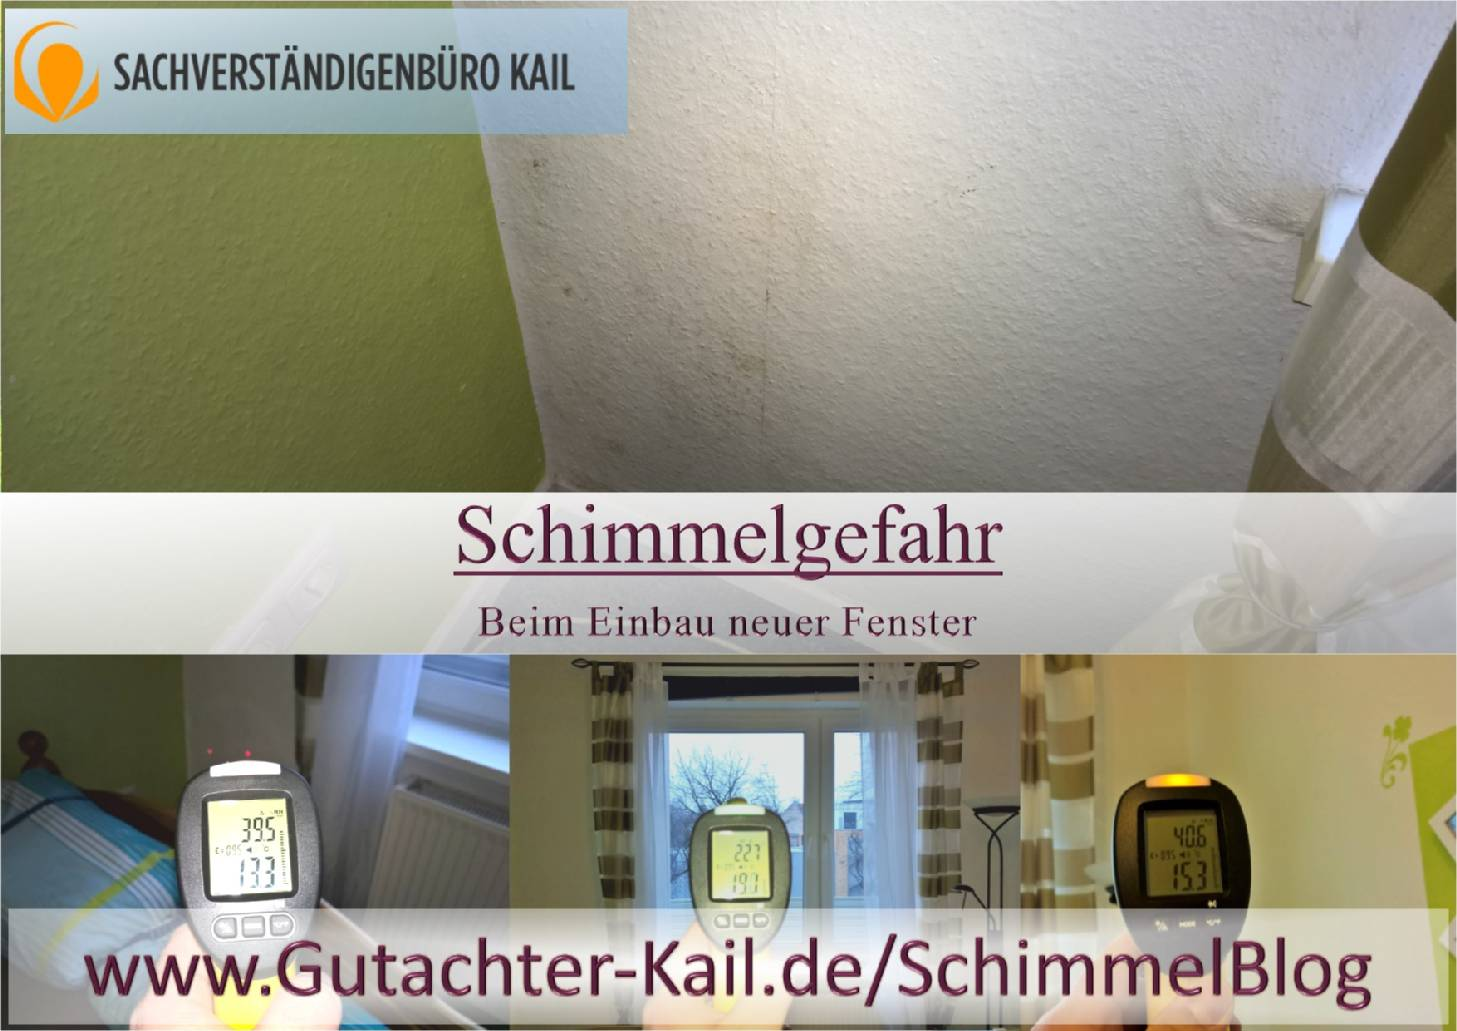 Sachverständigenbüro Kail in Traventhal - SchimmelBlog